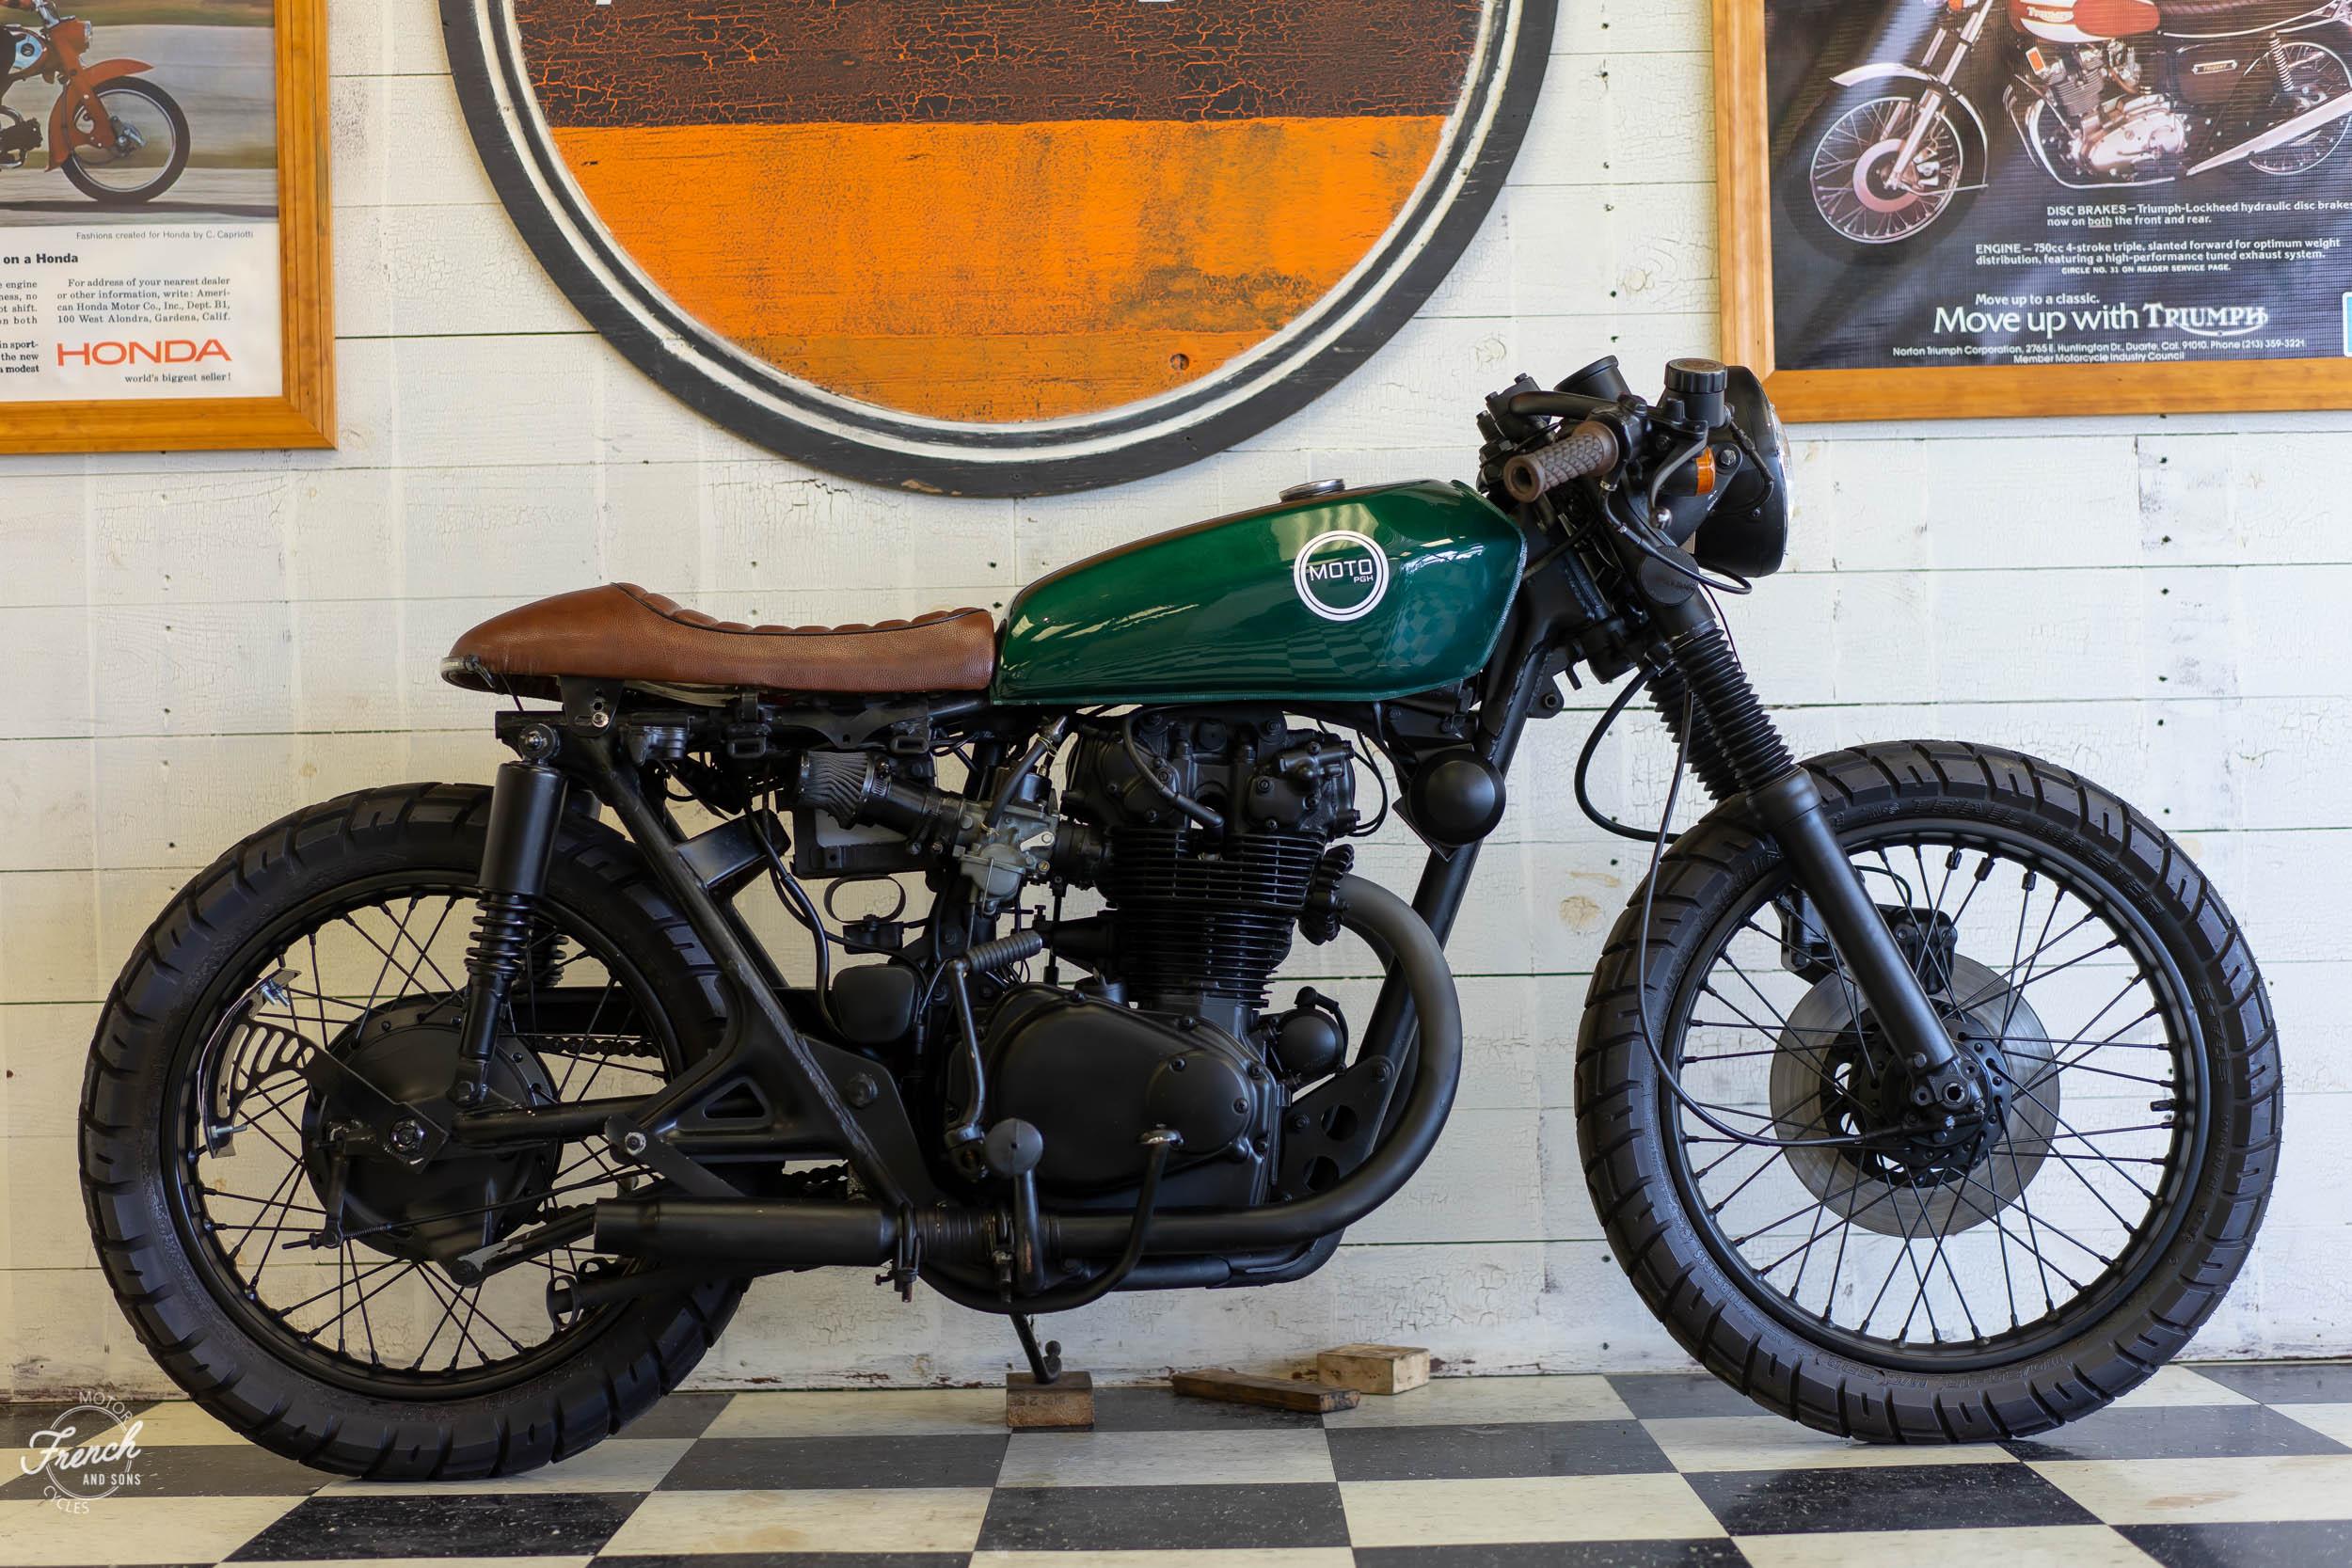 1974_honda_cb450_cafe_racer-2.jpg